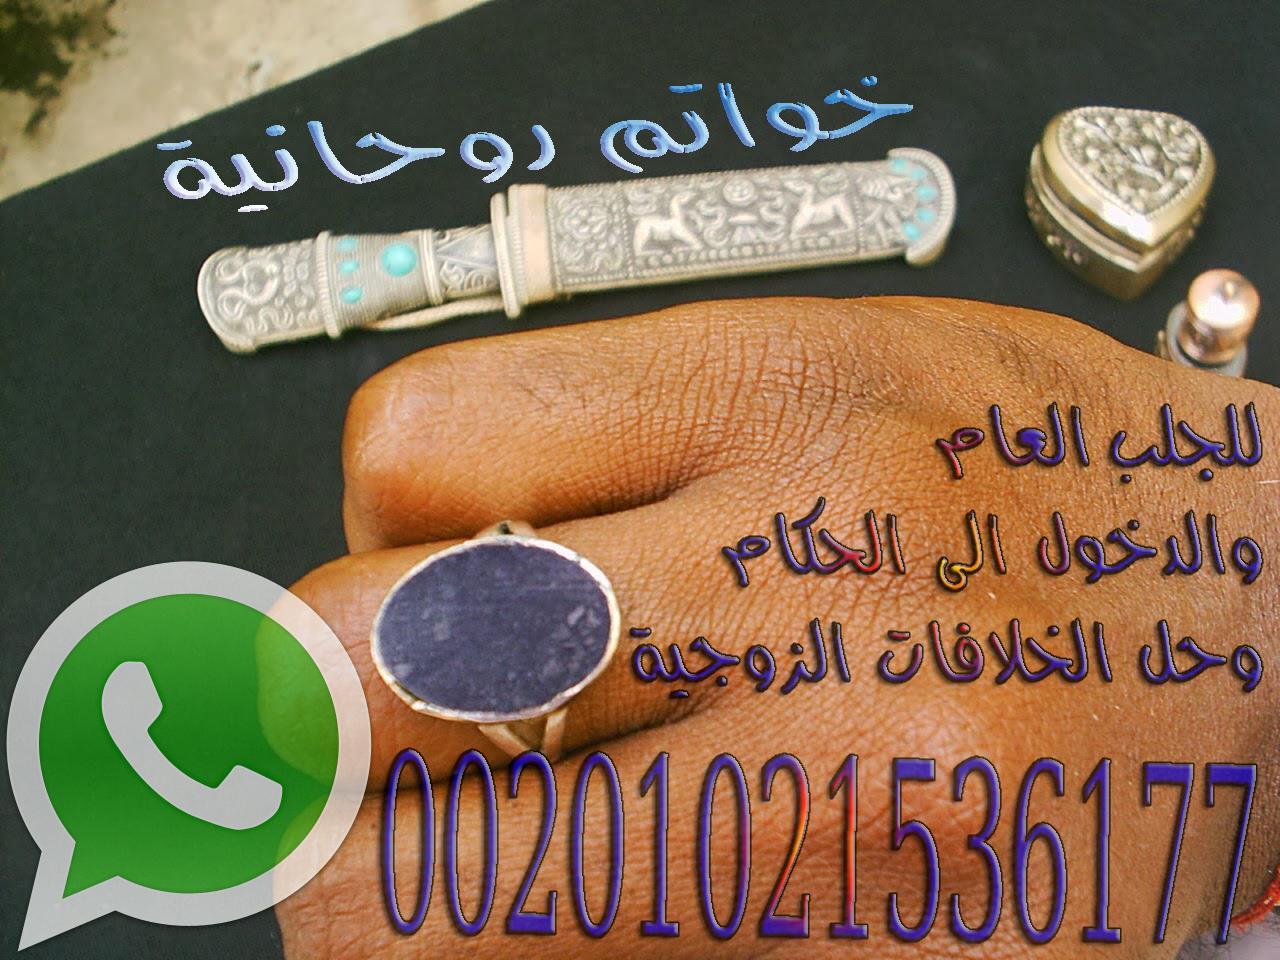 السعودية00201021536177 00201021536177 123541517.jpg